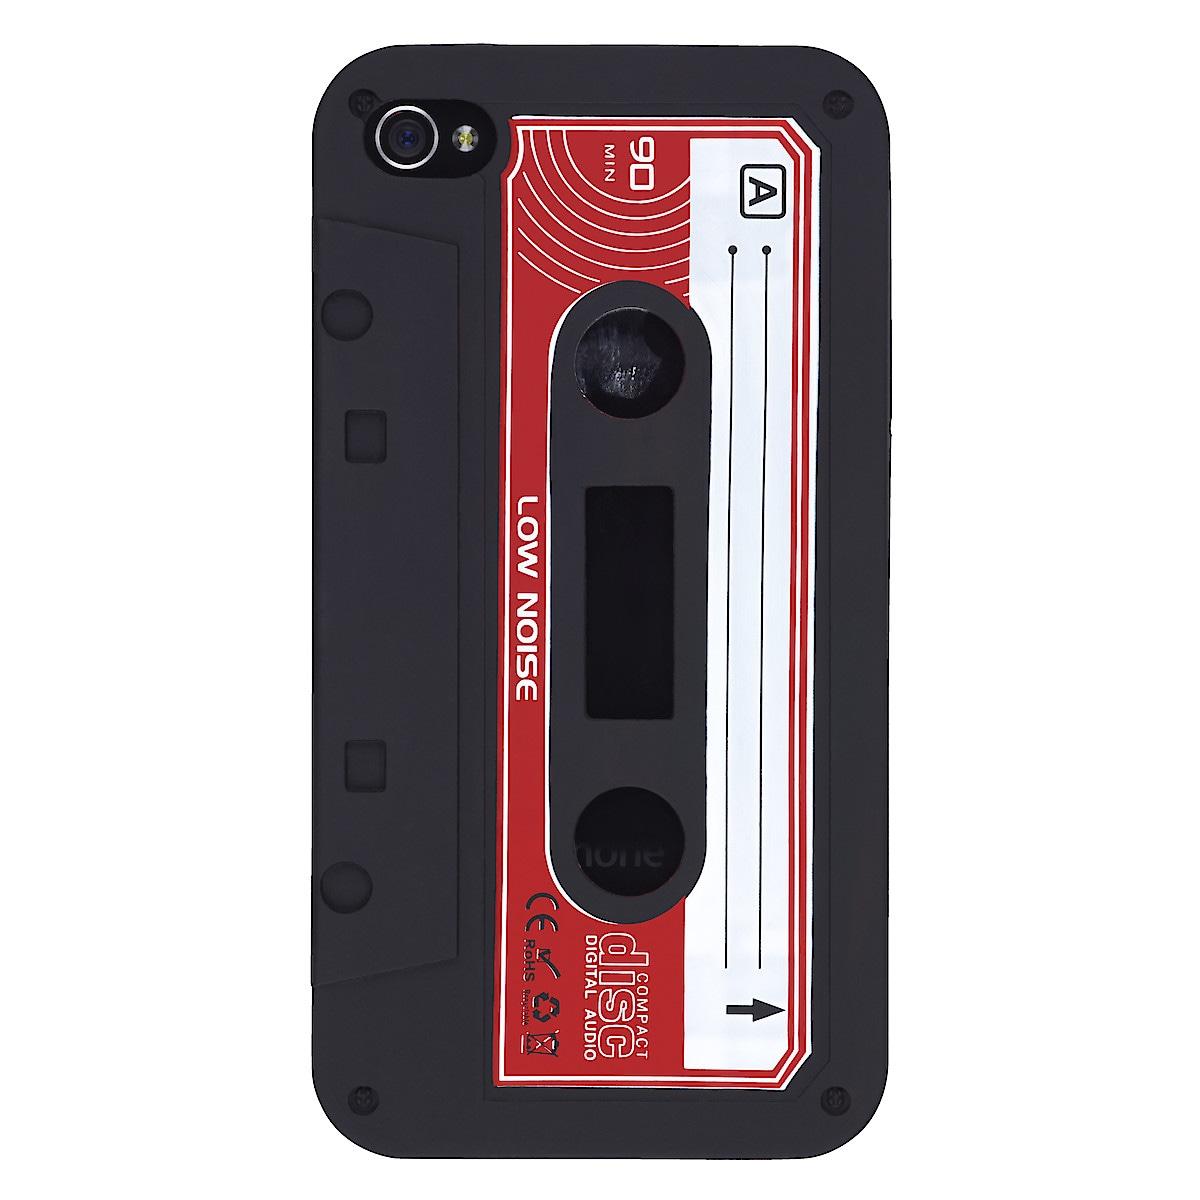 Kuori iPhone 4/4S:lle